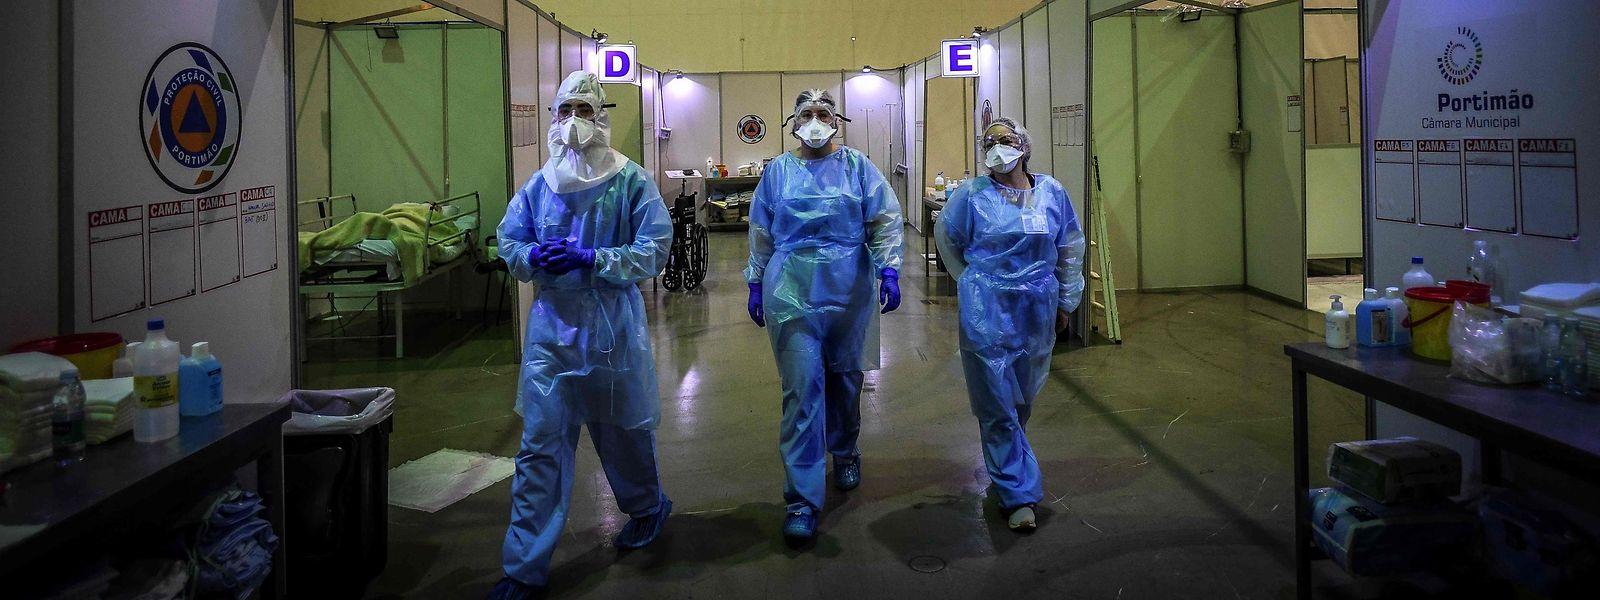 Profissionais de saúde num hospital de campanha em Portimão, no Algarve.